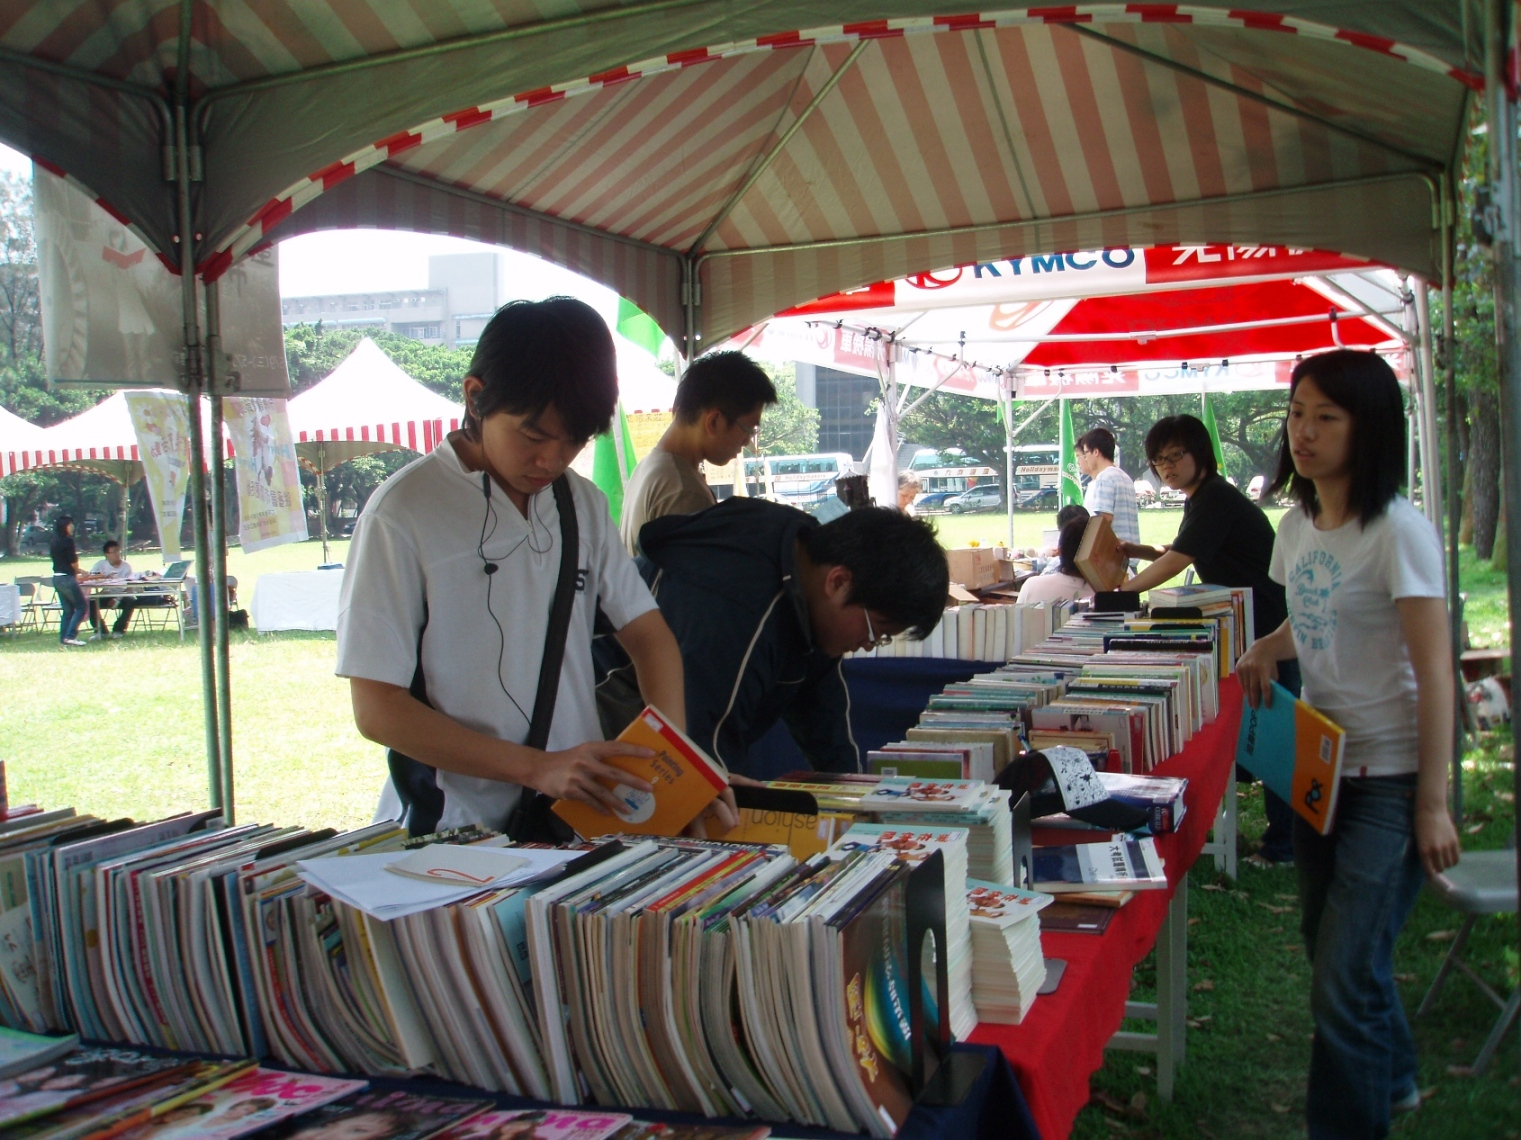 中原大學發起二手書交流活動 利用閒置書籍幫助弱勢學生